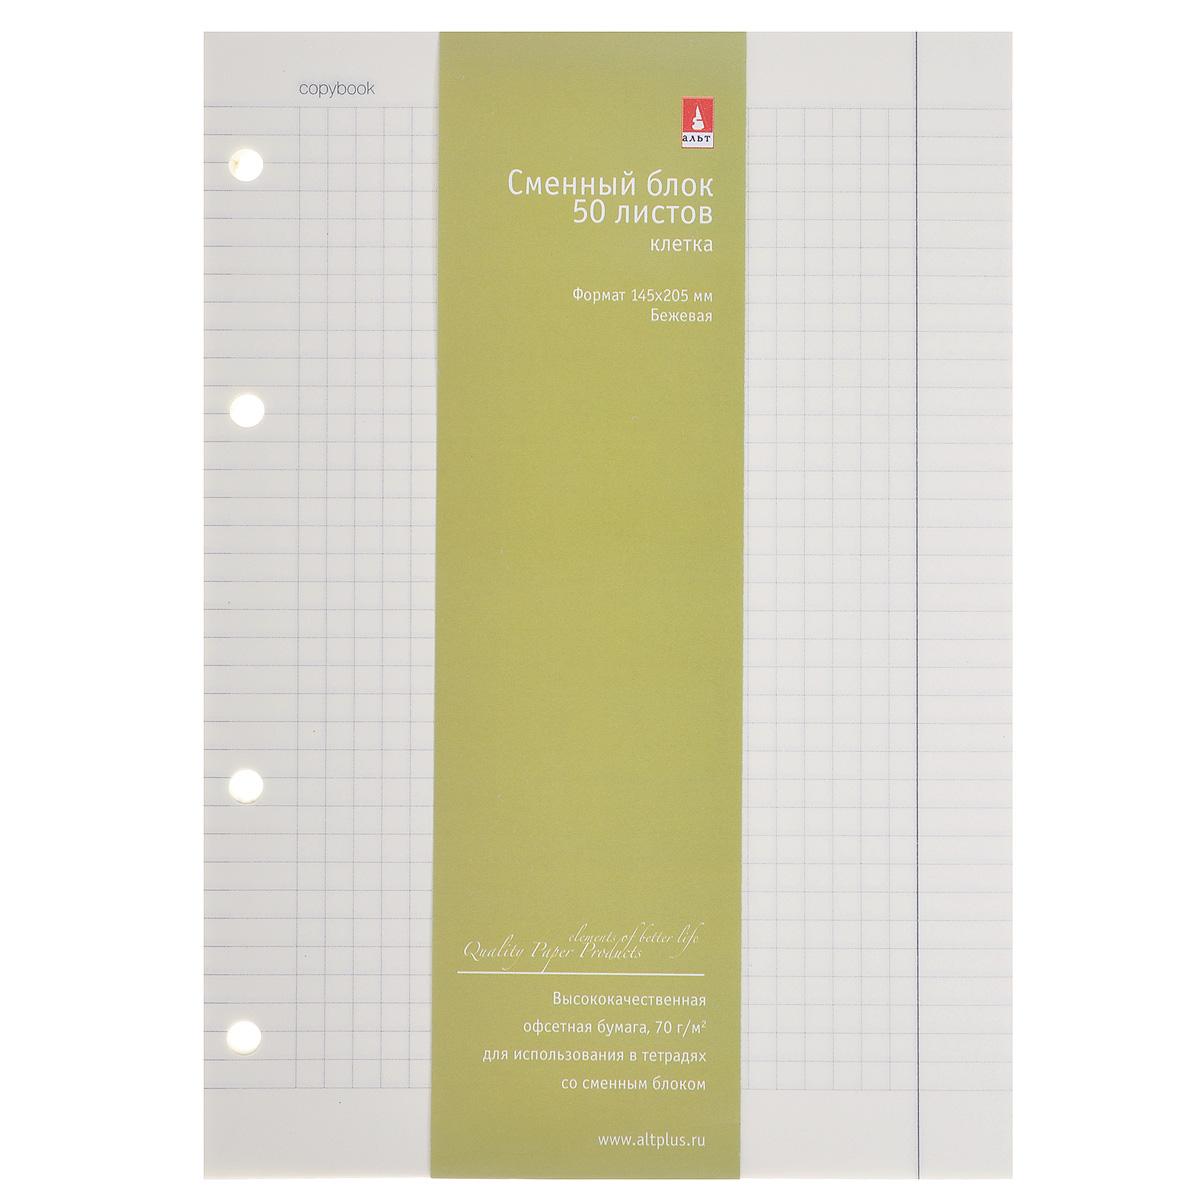 Альт Сменный блок для тетрадей на кольцах 50 листов в клетку цвет бежевый7-50-469Сменный блок Альт предназначен для тетрадей с кольцевым механизмом. В запасном блоке представлено 50 листов формата А5 из плотной бумаги бежевого цвета. Высококачественная офсетная тонированная бумага обладает повышенной плотностью и идеально подходит для записей всеми видами ручек (гелевые, шариковые, перьевые). Все листы разлинованы в клетку с полями. Цветной блок бумаги идеально подходит для структурирования записей по разделам внутри тетрадей на кольцах. Рекомендуемый возраст: от 12 лет.